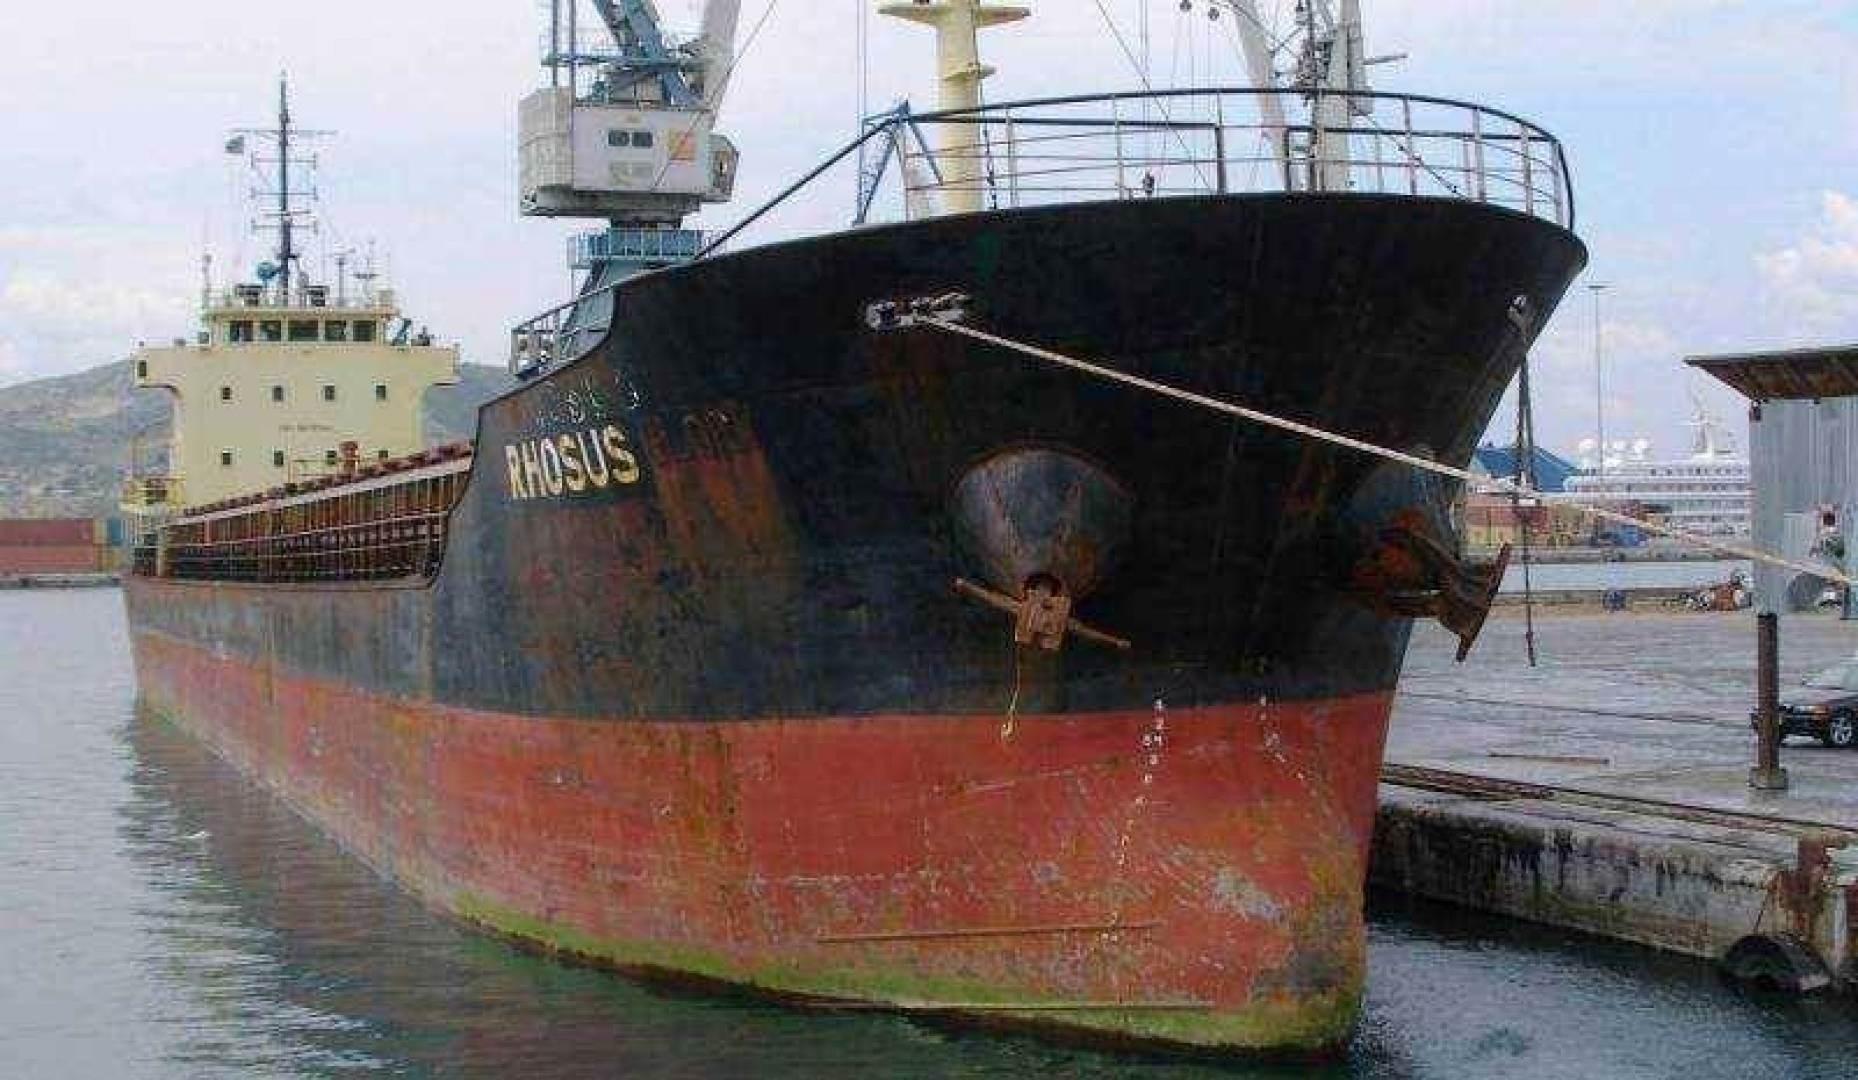 بروكوشوف للميادين: الحمولة التي كان يجب أن تنقلها السفينة